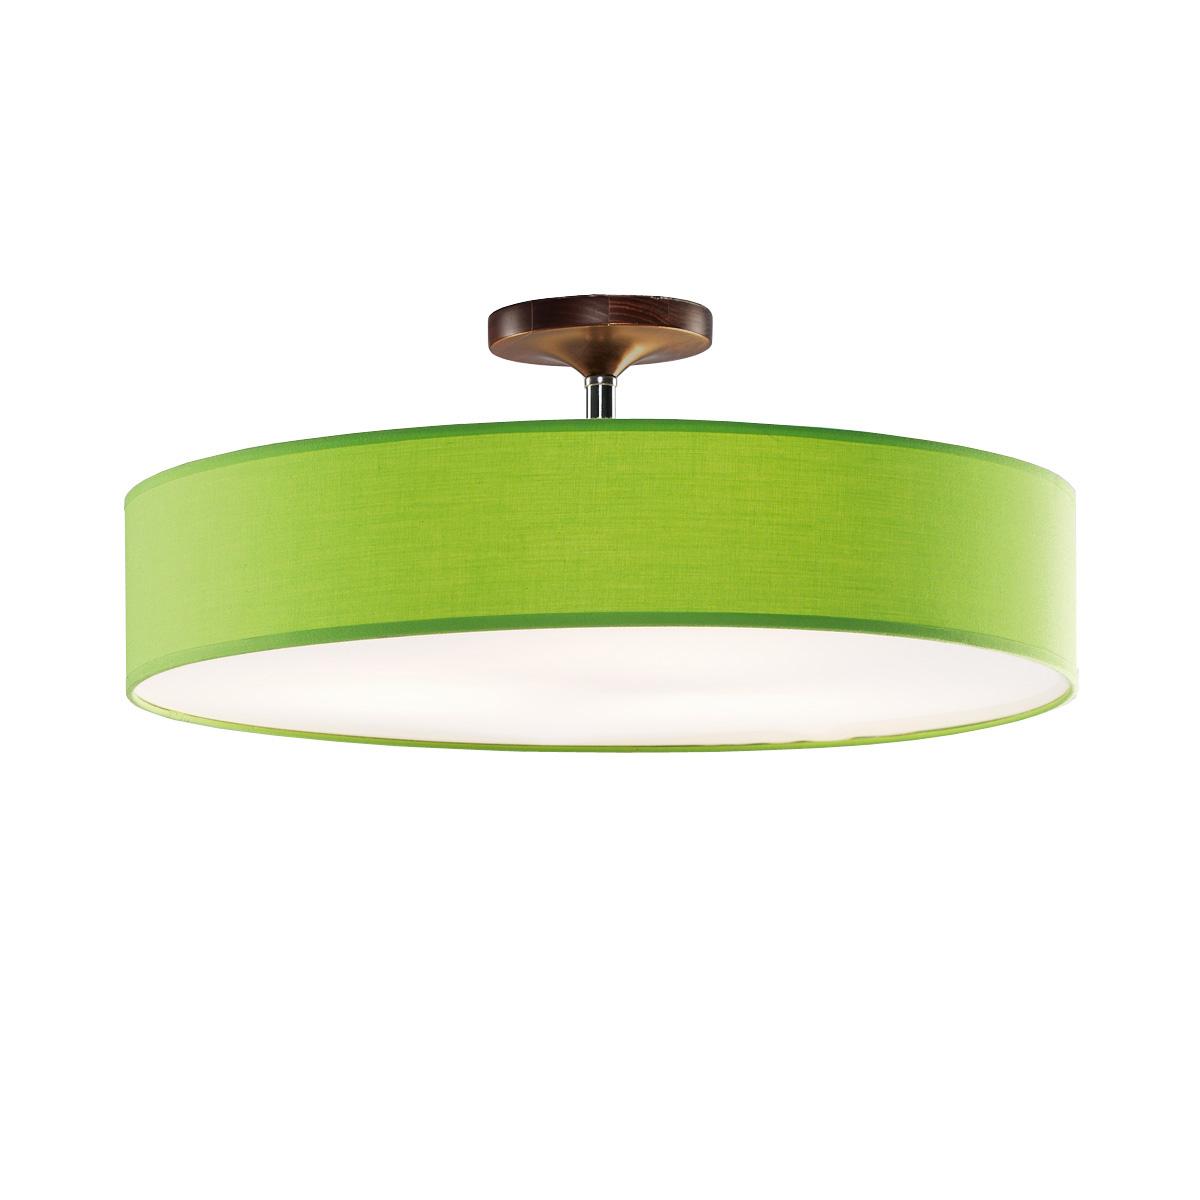 Φωτιστικό ημιοροφής με πράσινο καπέλο DISCO ZEN ceiling lamp with green shade